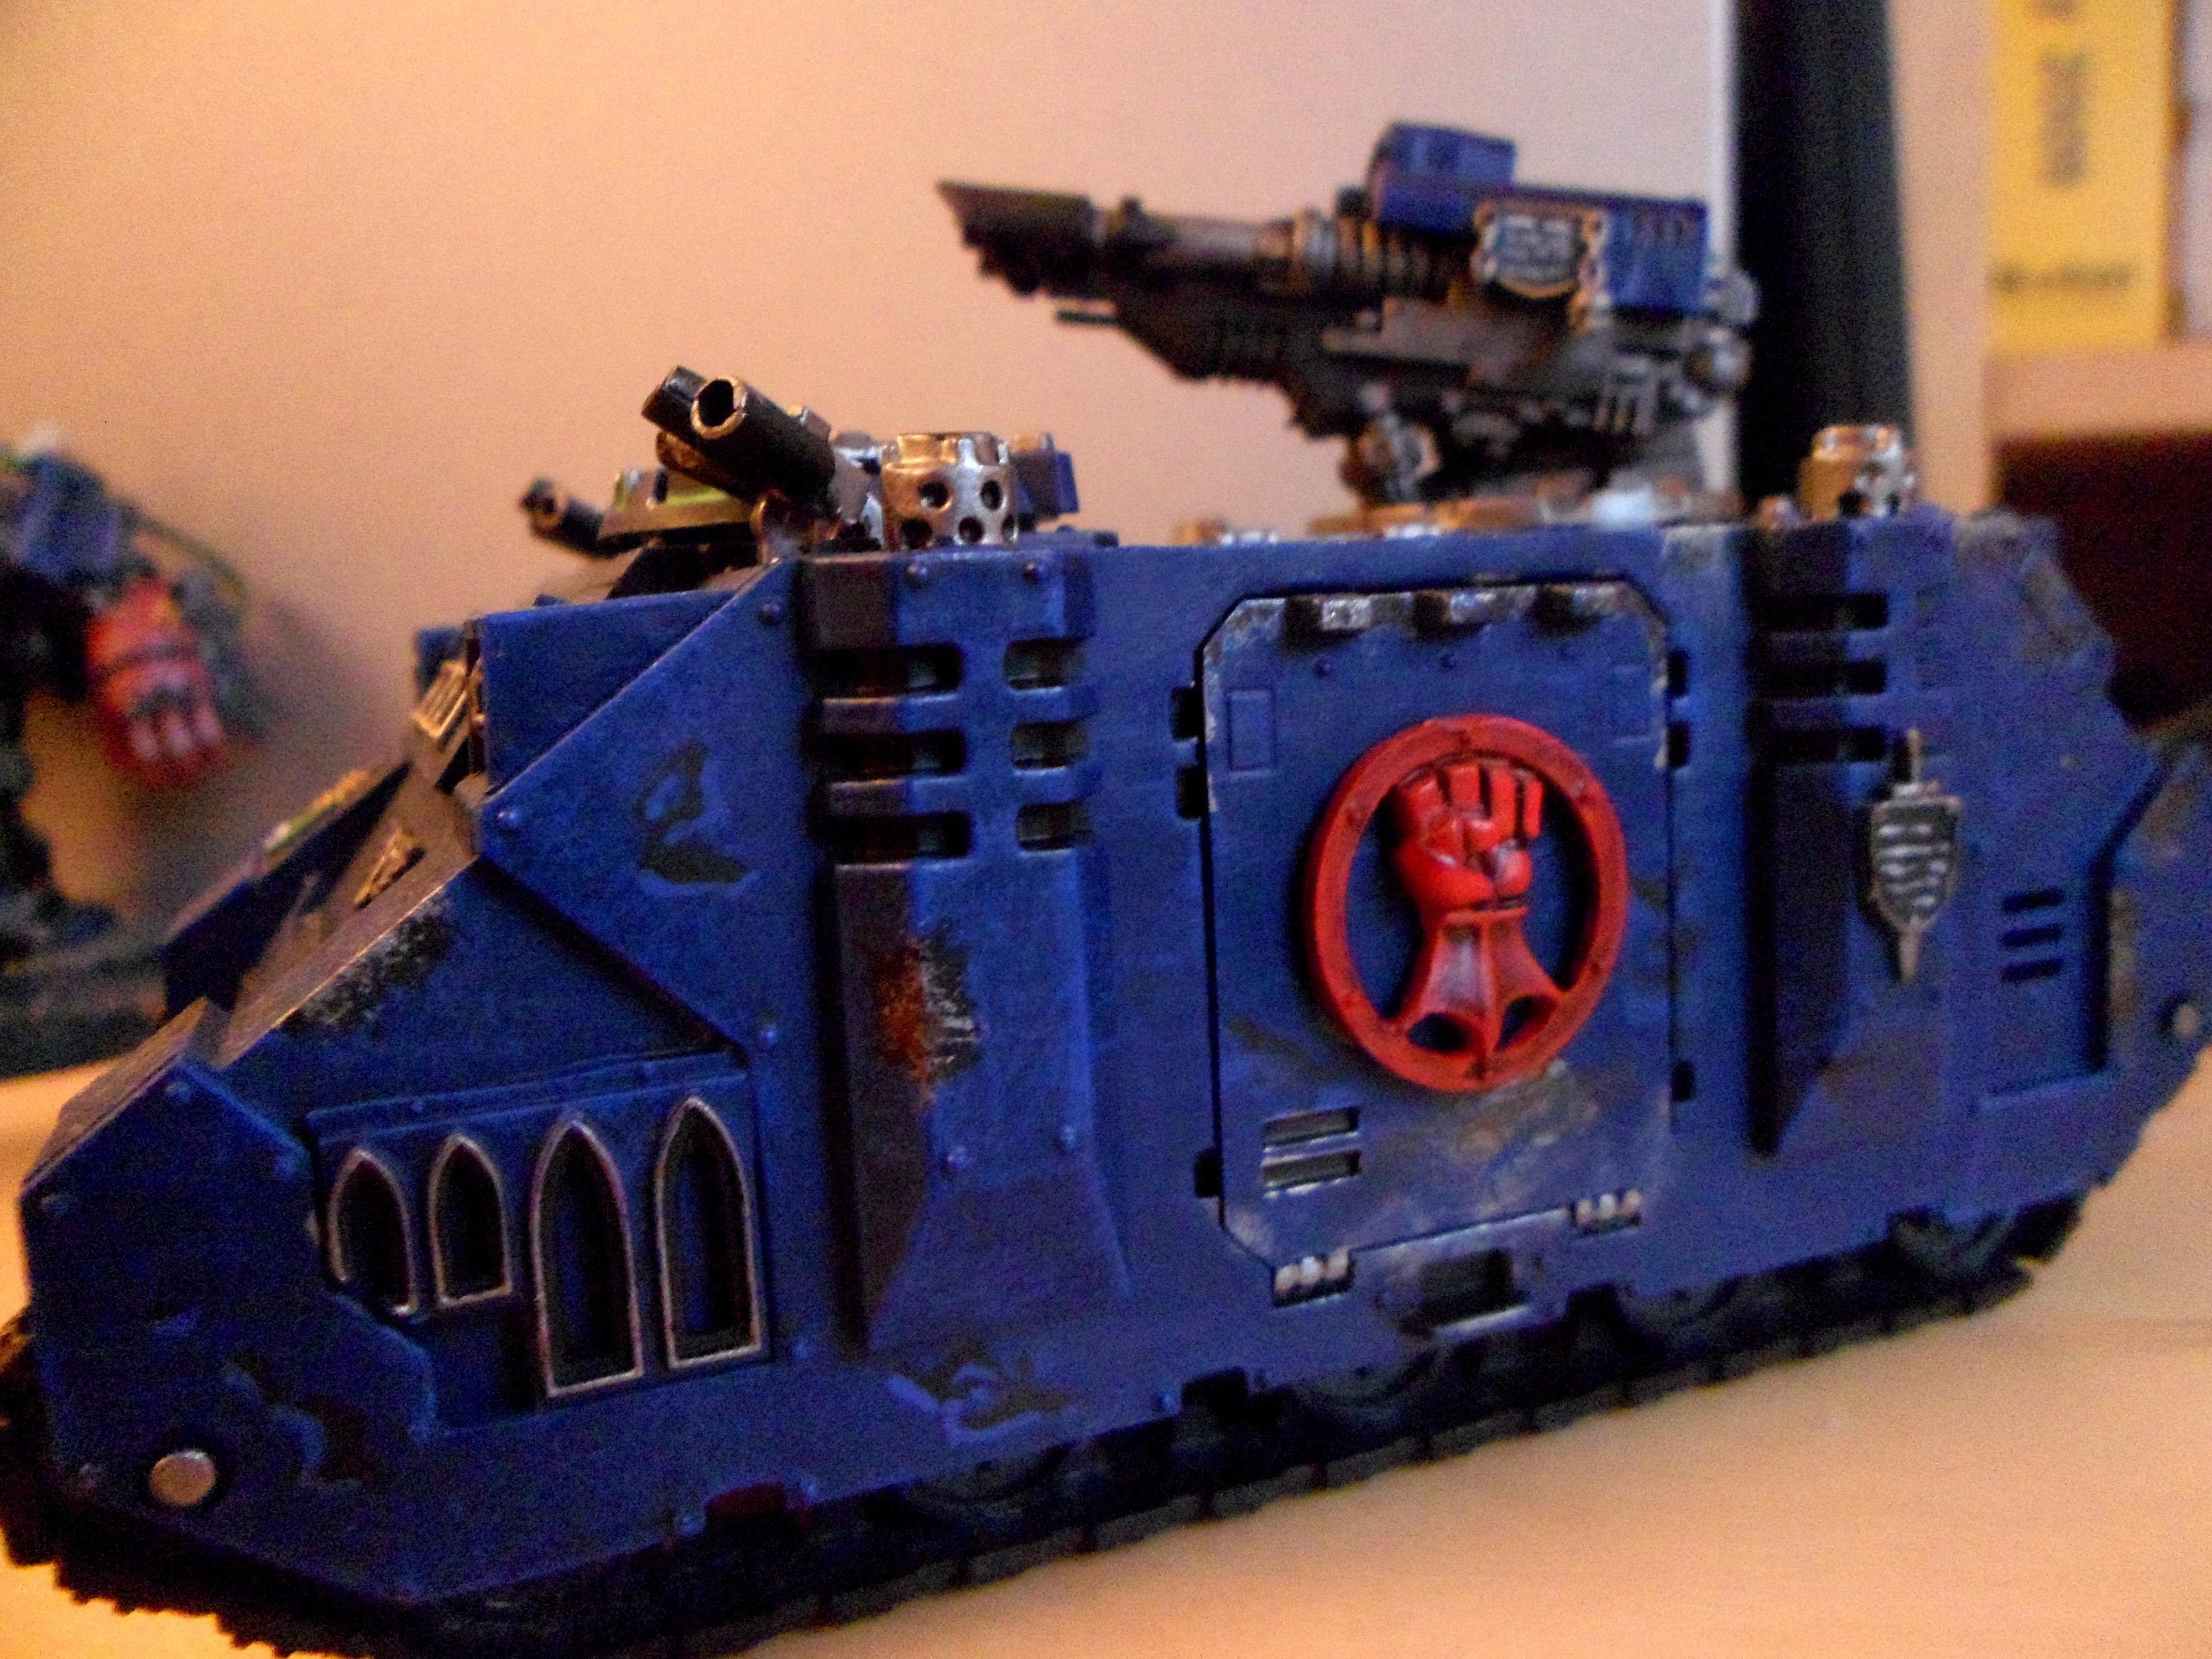 Crimson Fist, Razorback, Space Marines, Warhammer 40,000